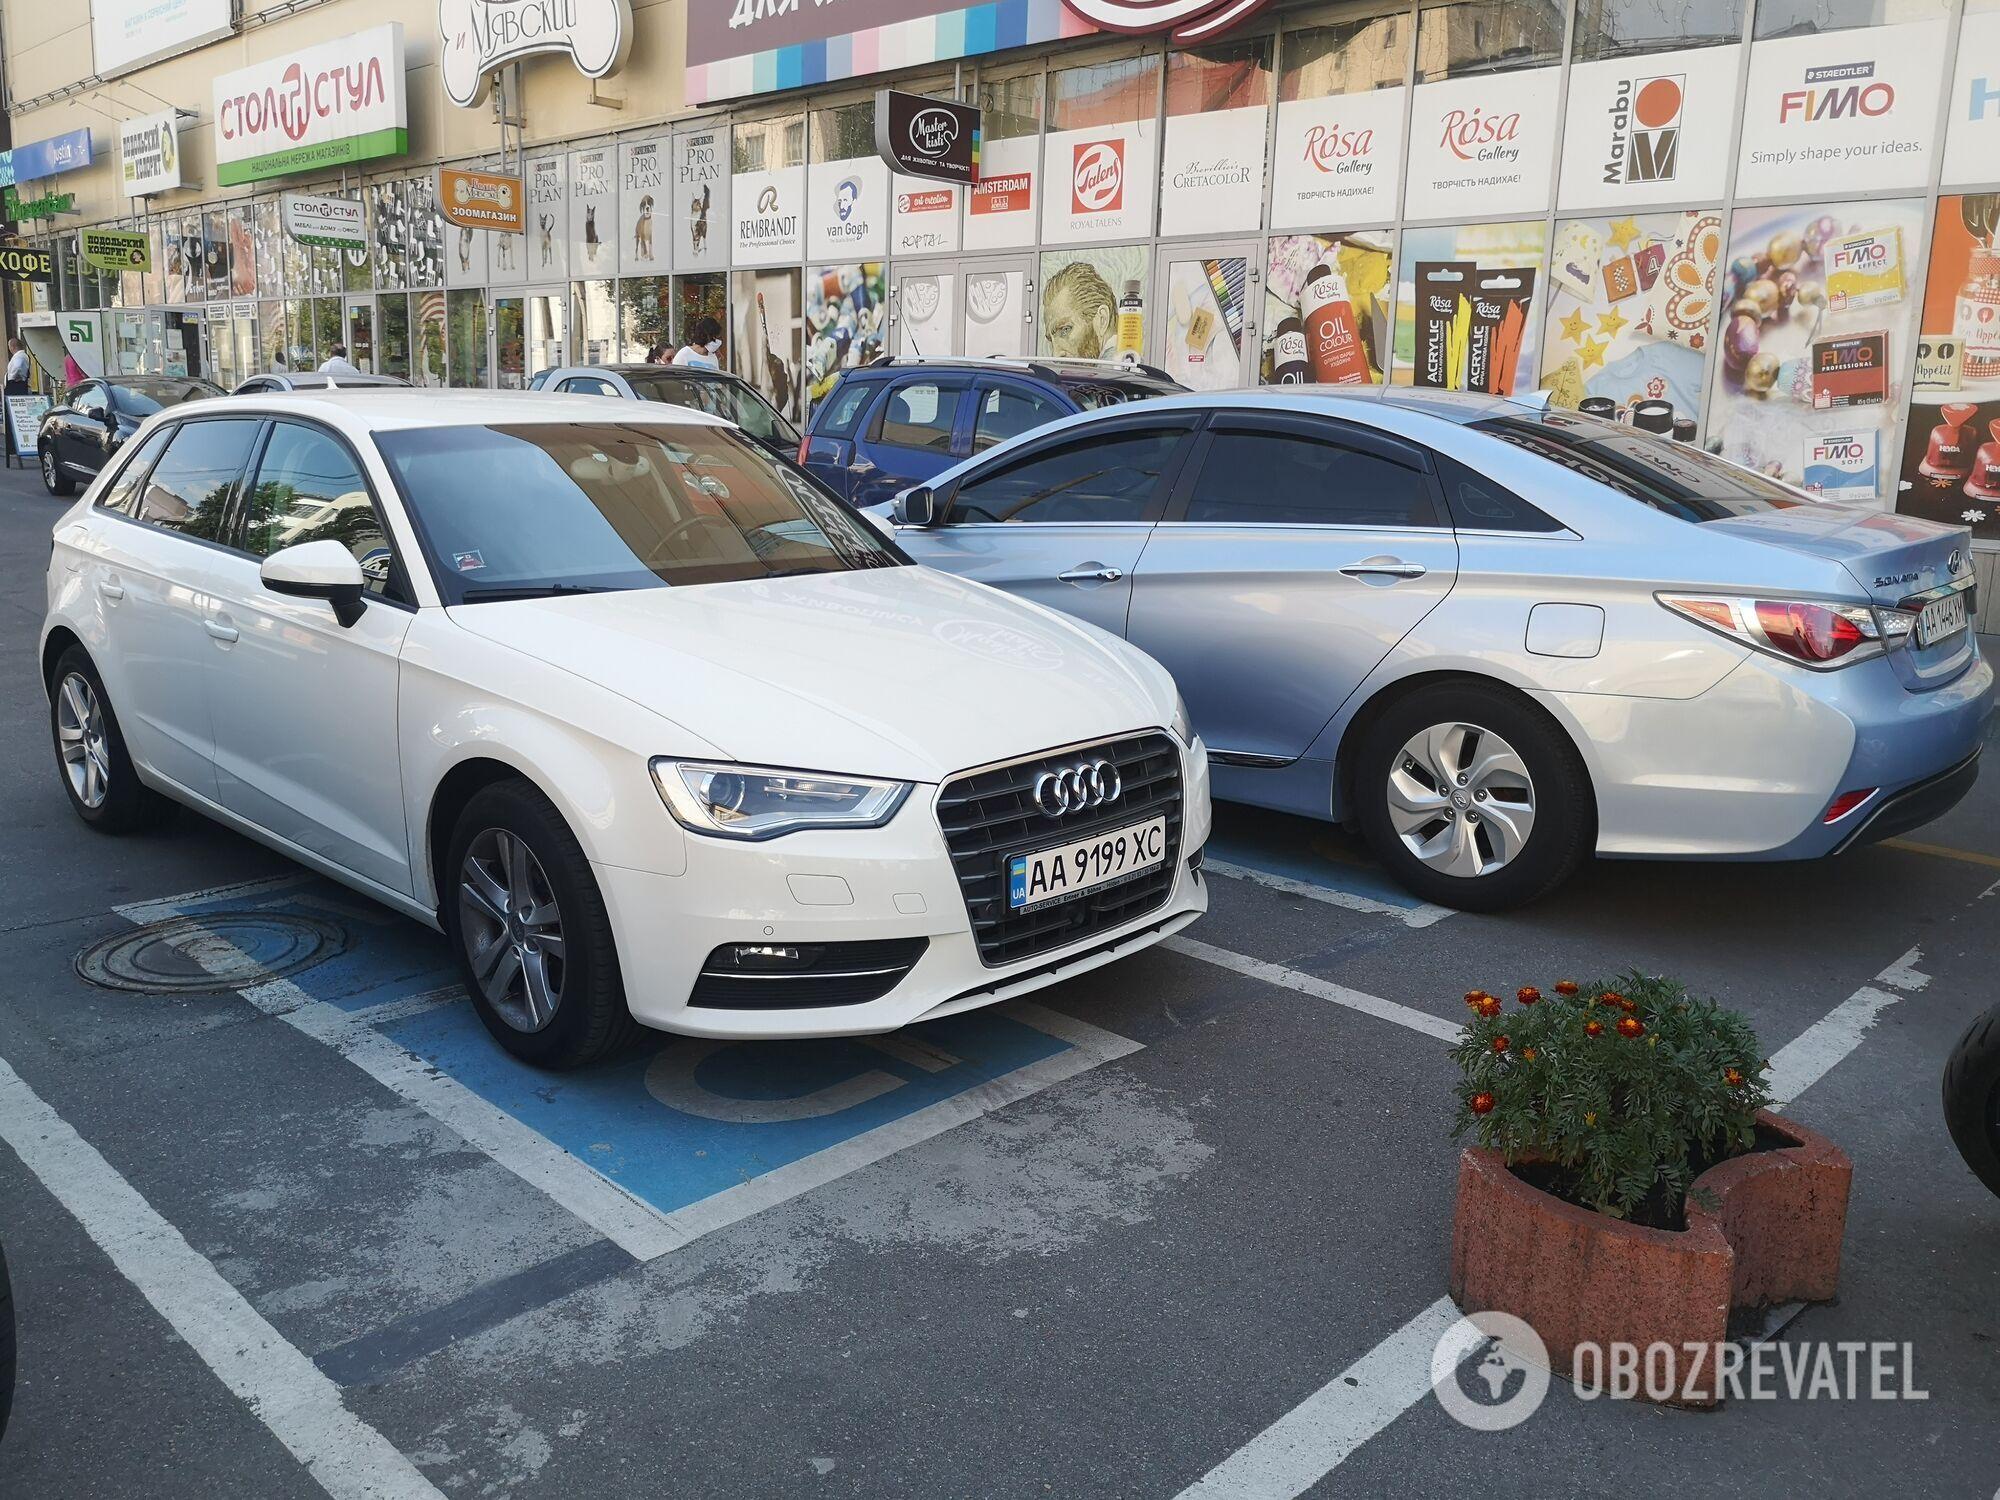 Расширение полномочий инспекторов по парковке позволит оперативнее реагировать на нарушения